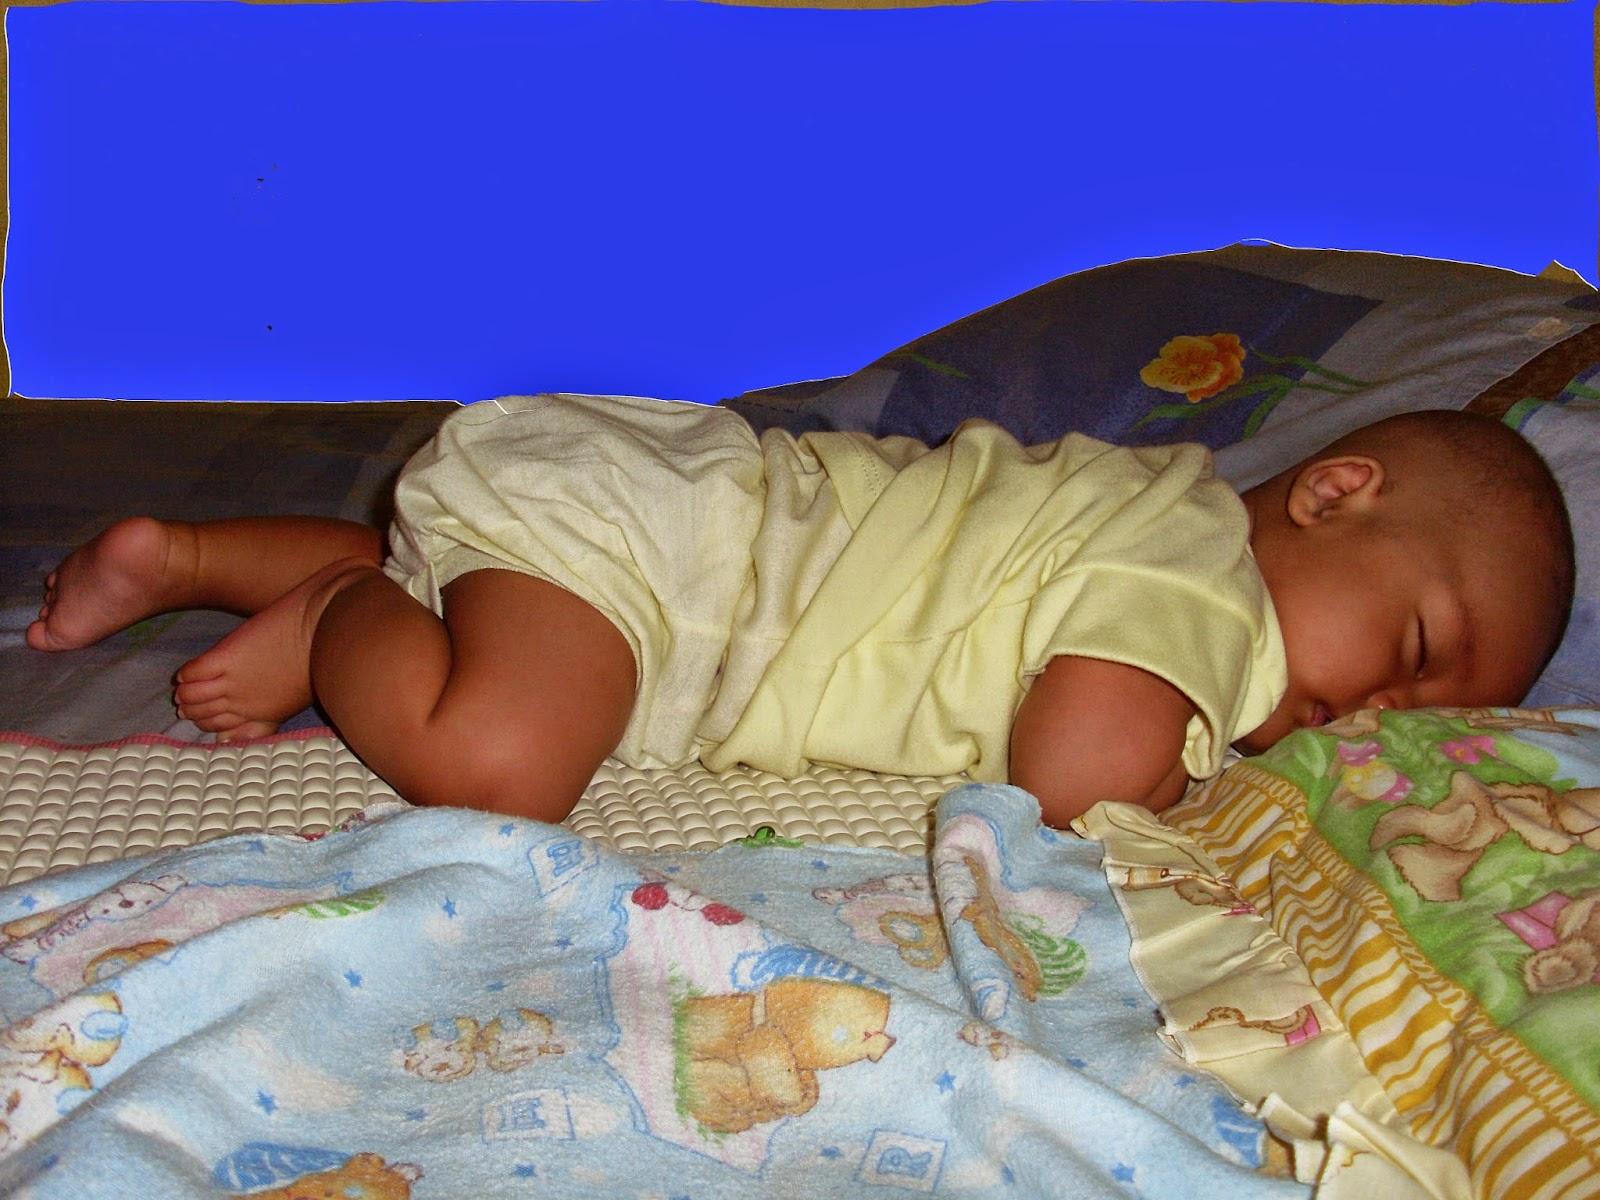 bayi tidur sambil tengkurap